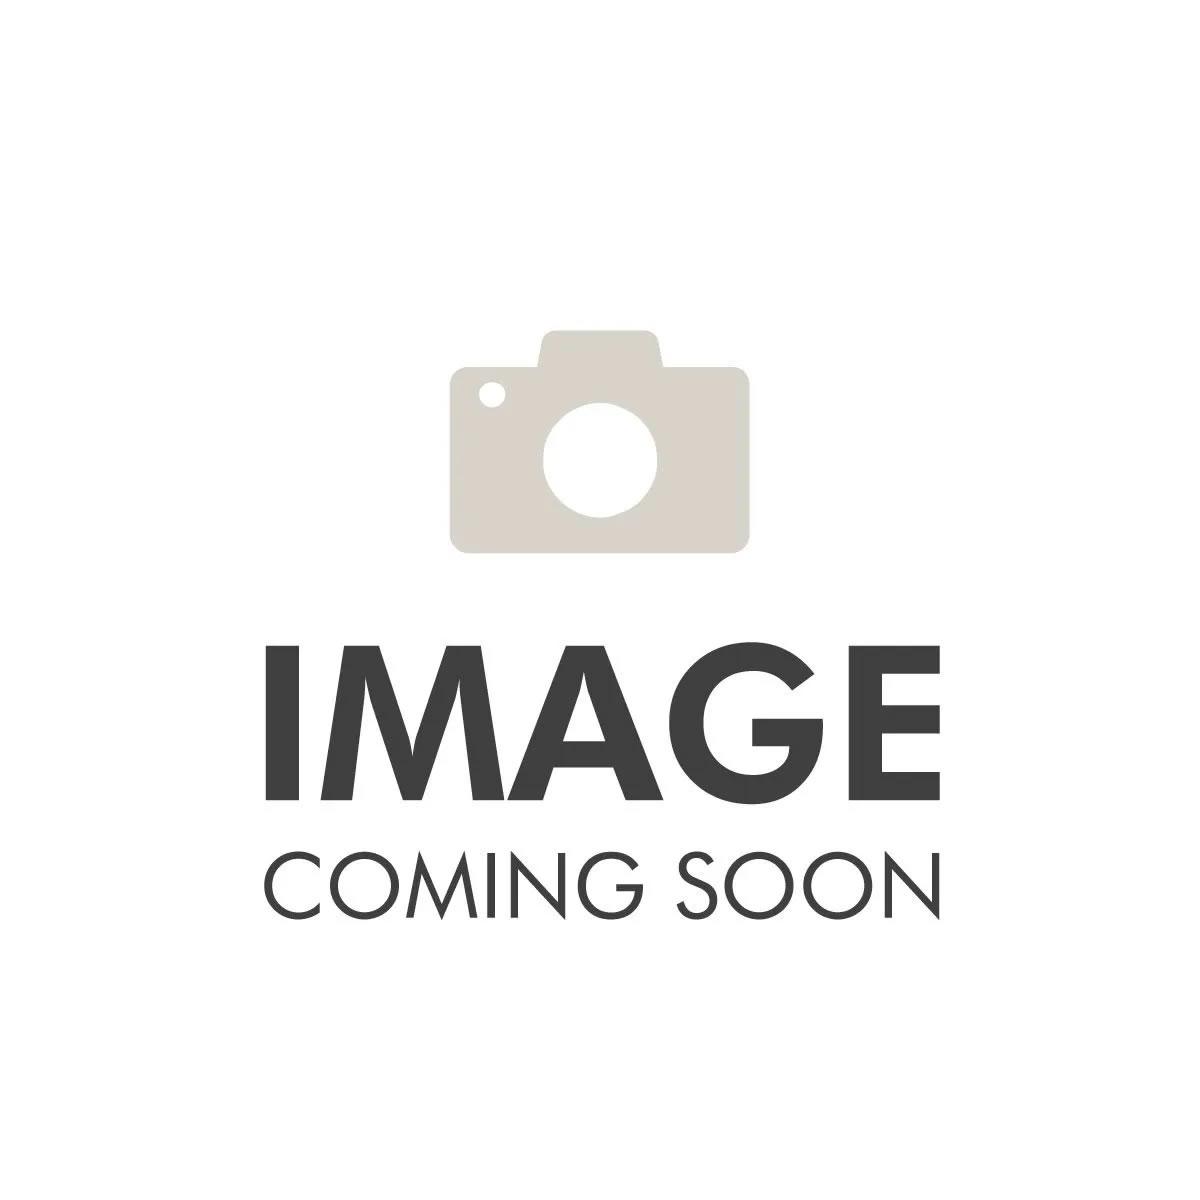 Front Bumper Applique, Silver, 07-18 Jeep Wrangler